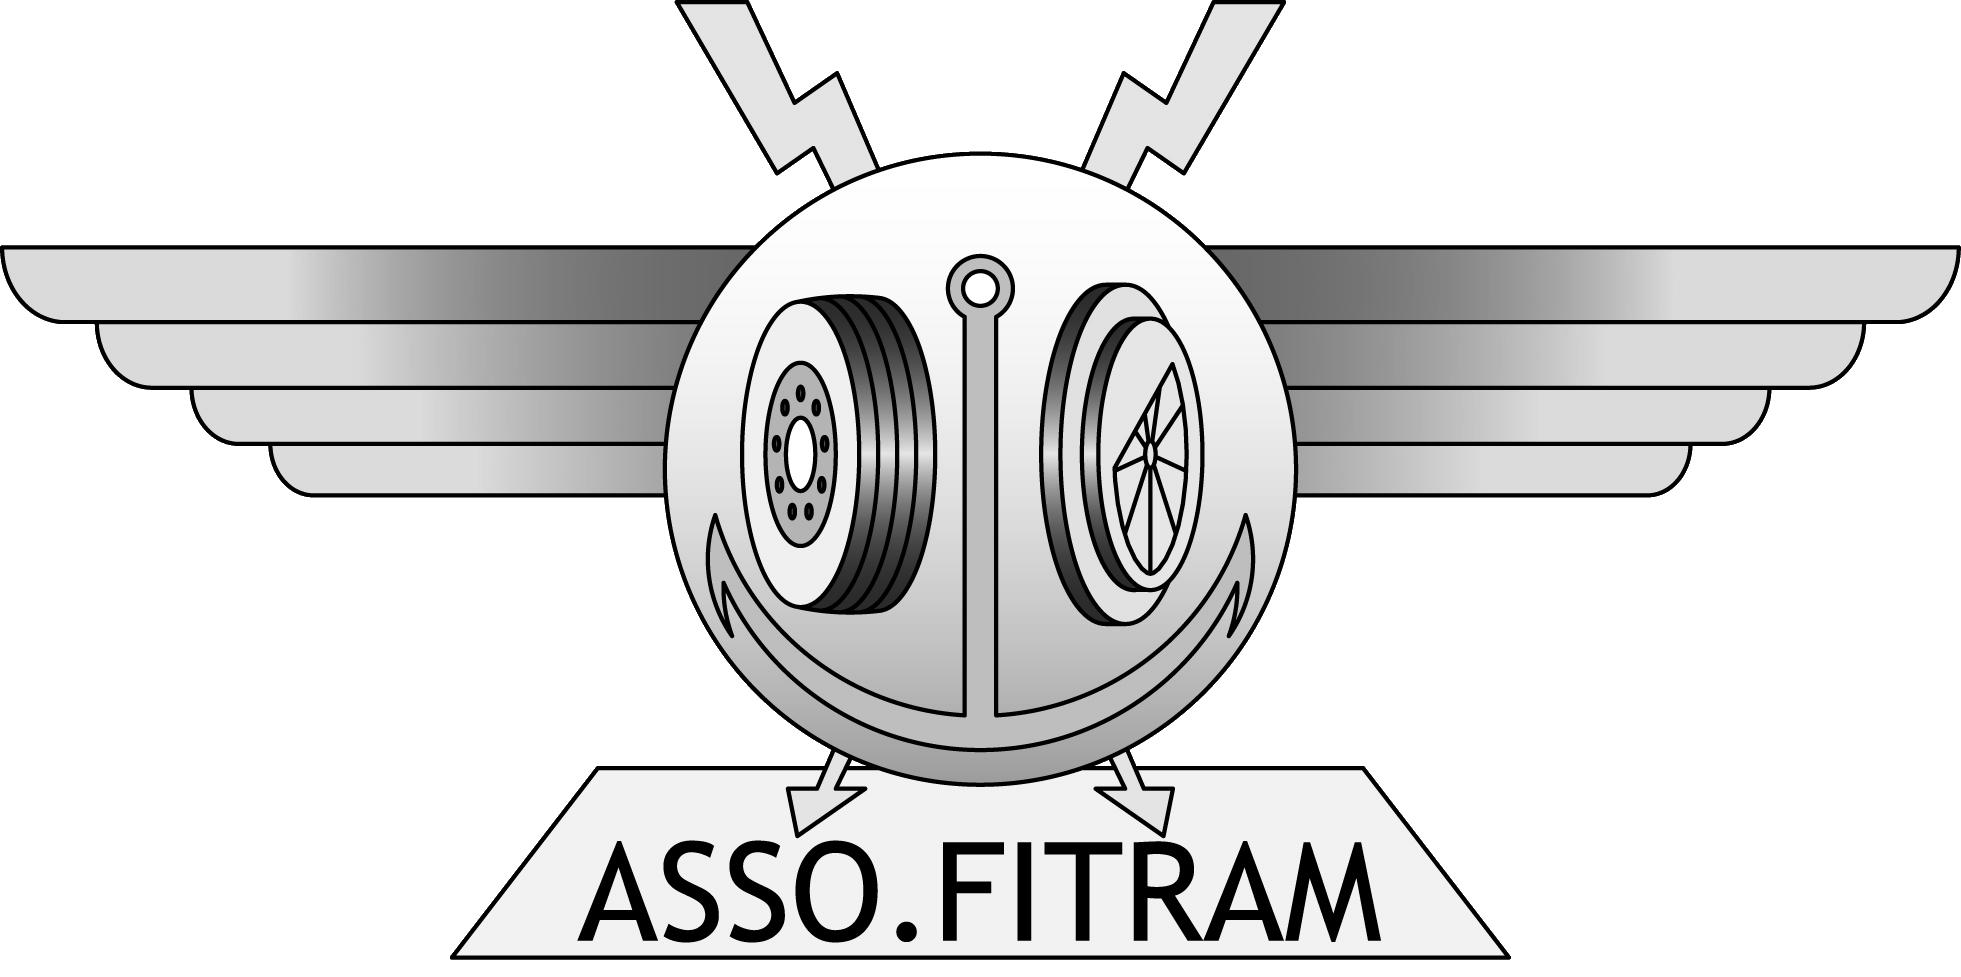 Associazione FITRAM